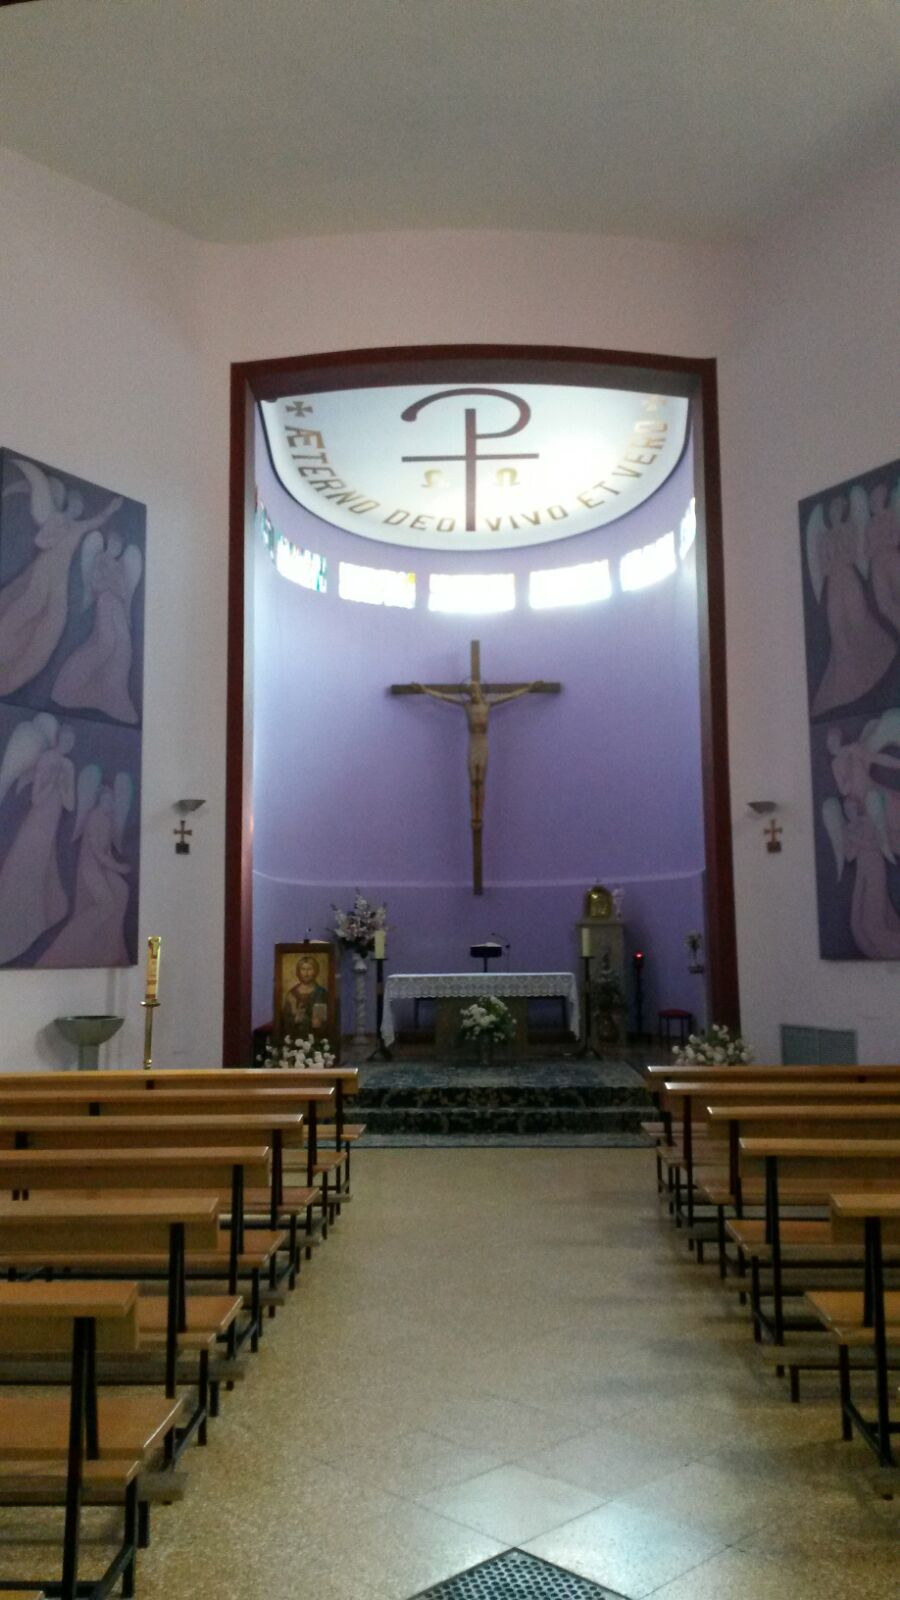 Katolisen kirkon sisätilat näyttävät hieman erilaisilta kuin meidän helluntaiseurakuntamme.